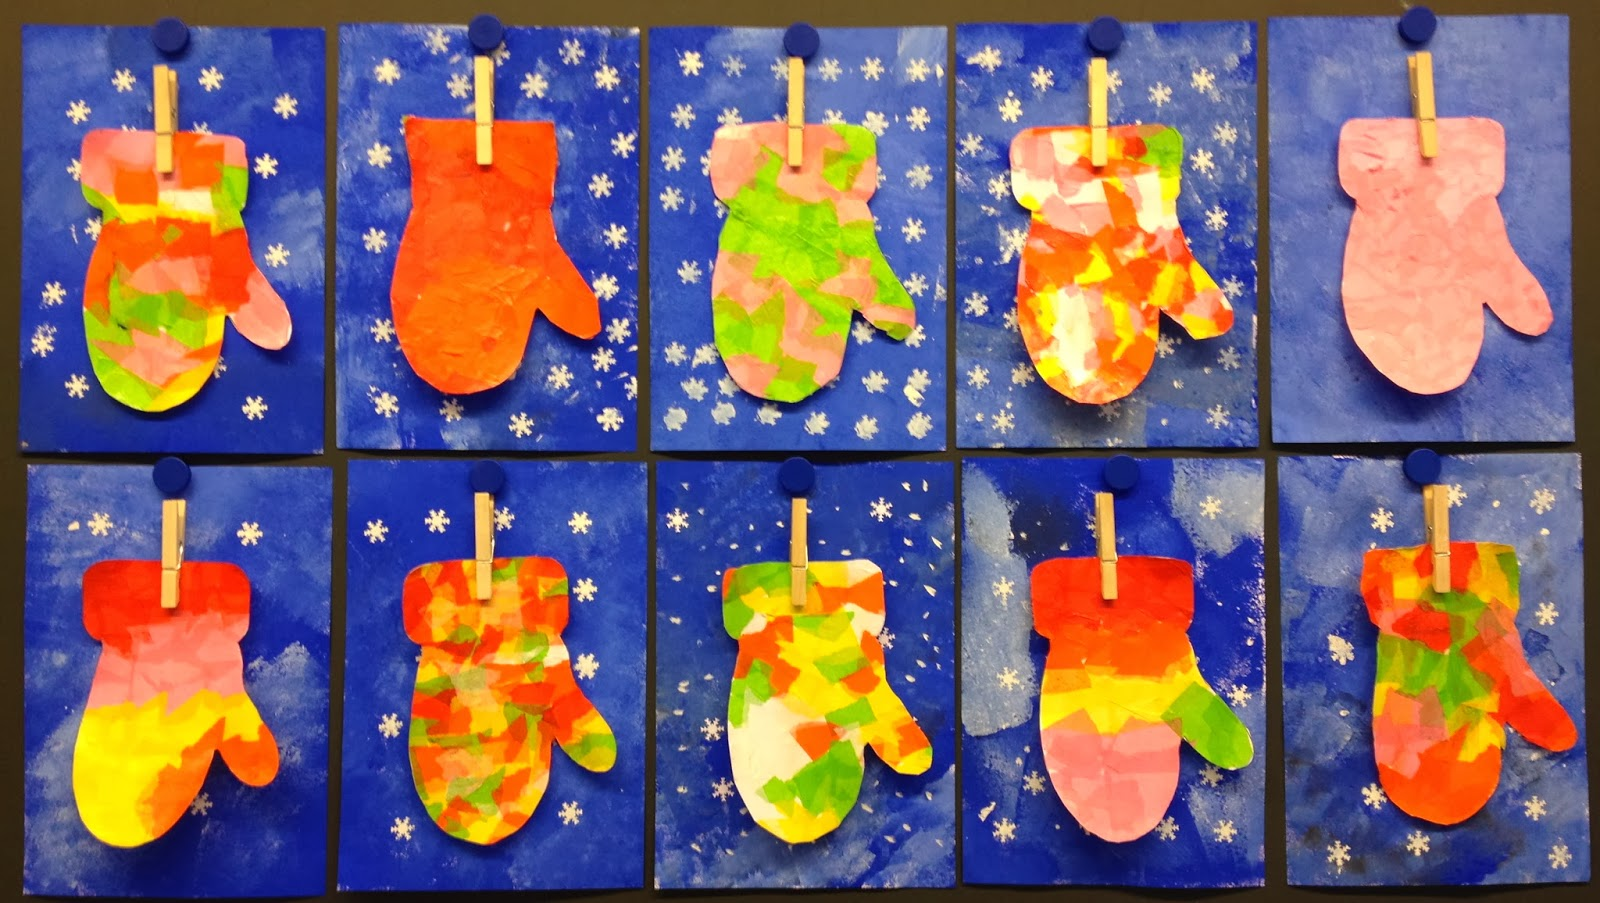 Winter mitten art fun family crafts - Kindergarten weihnachtsbasteln ...